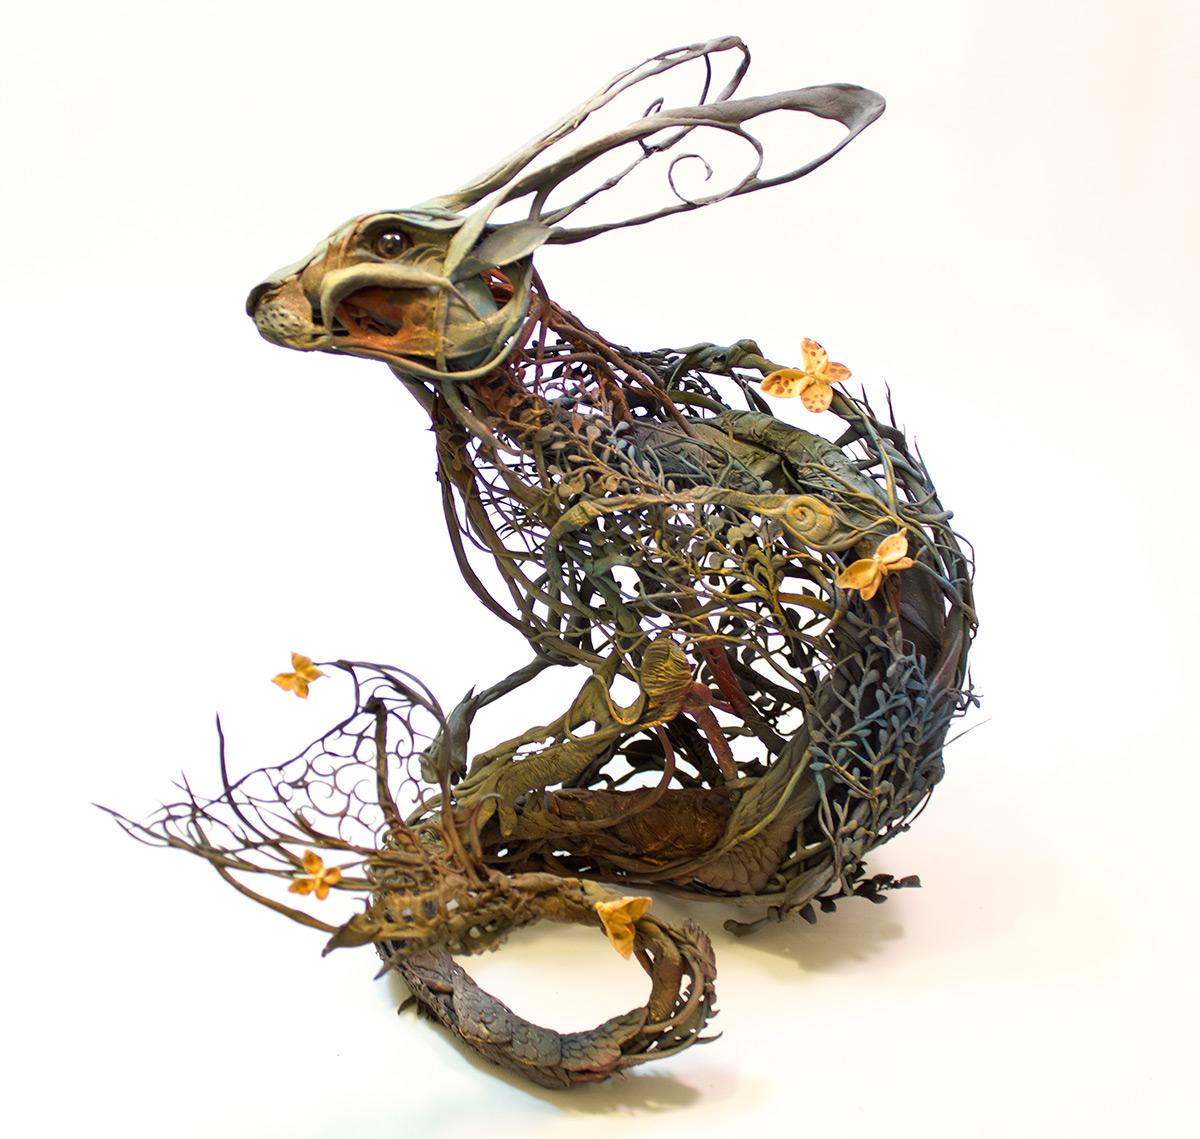 coniglio-sirena-sculture-surrealiste-ellen-jewett